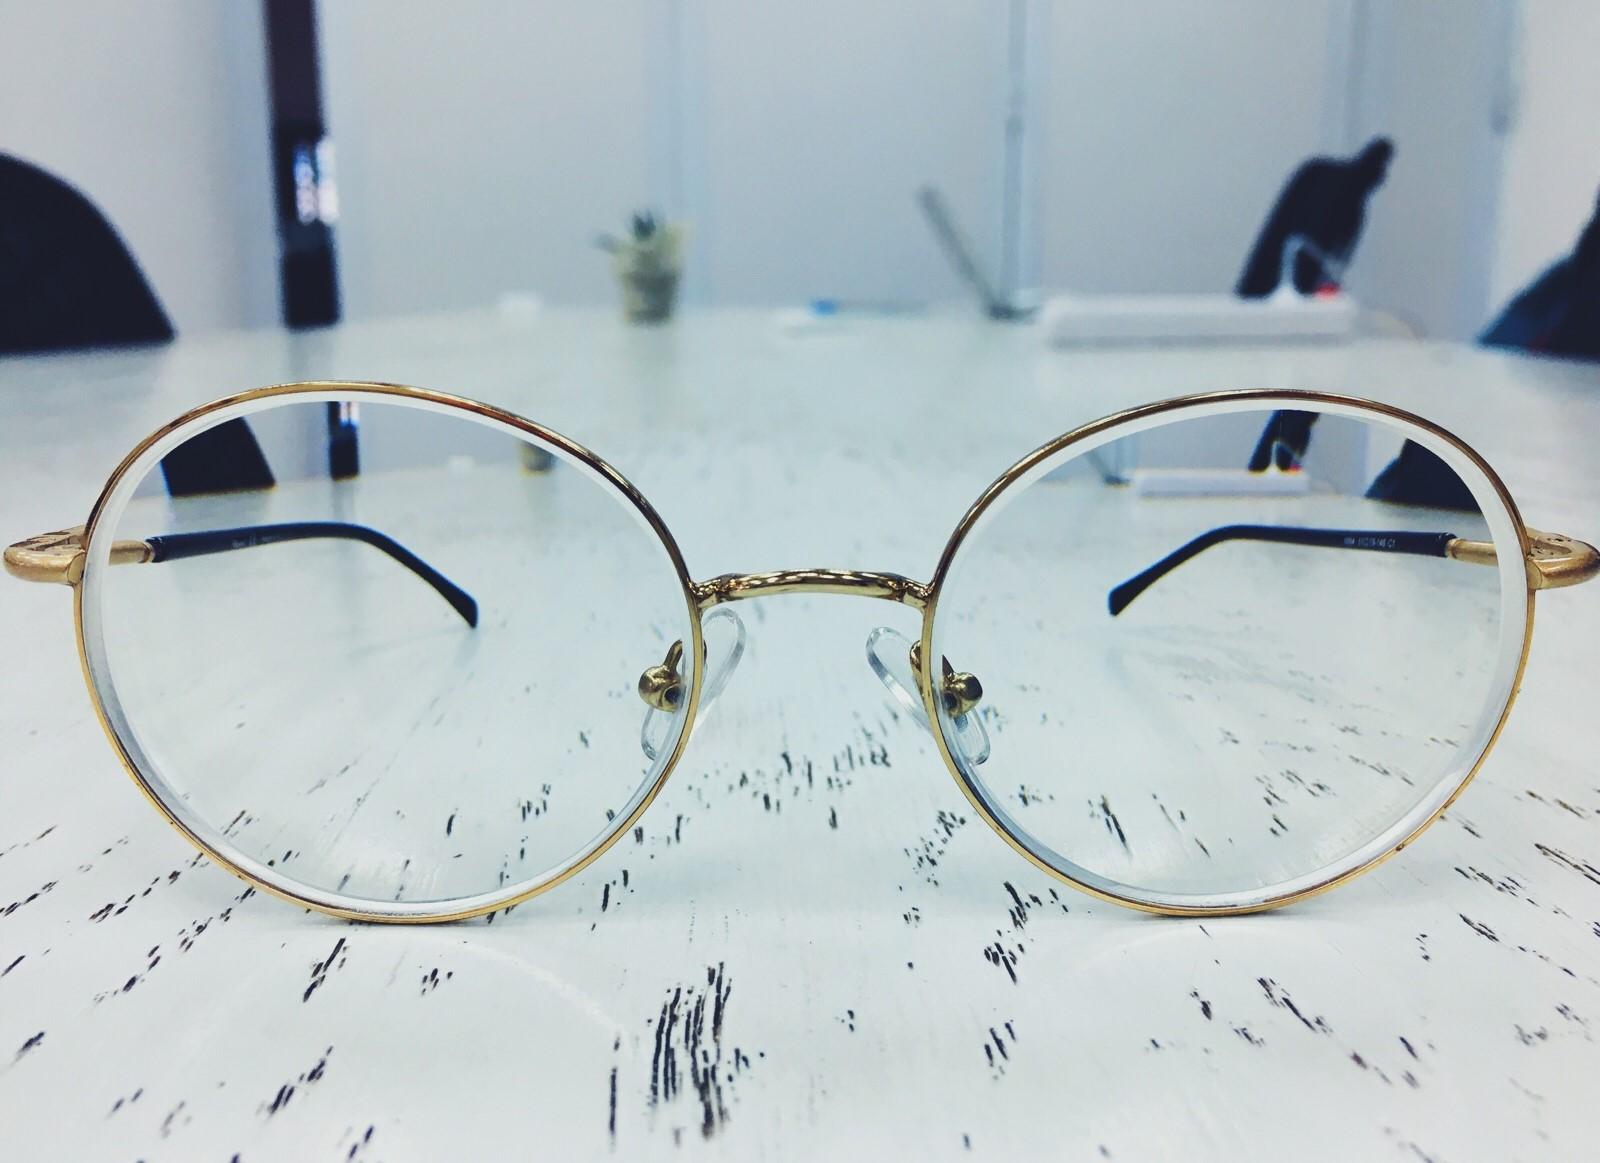 قم بارتداء نظارتك وقل لي ماذا ترى الآن؟